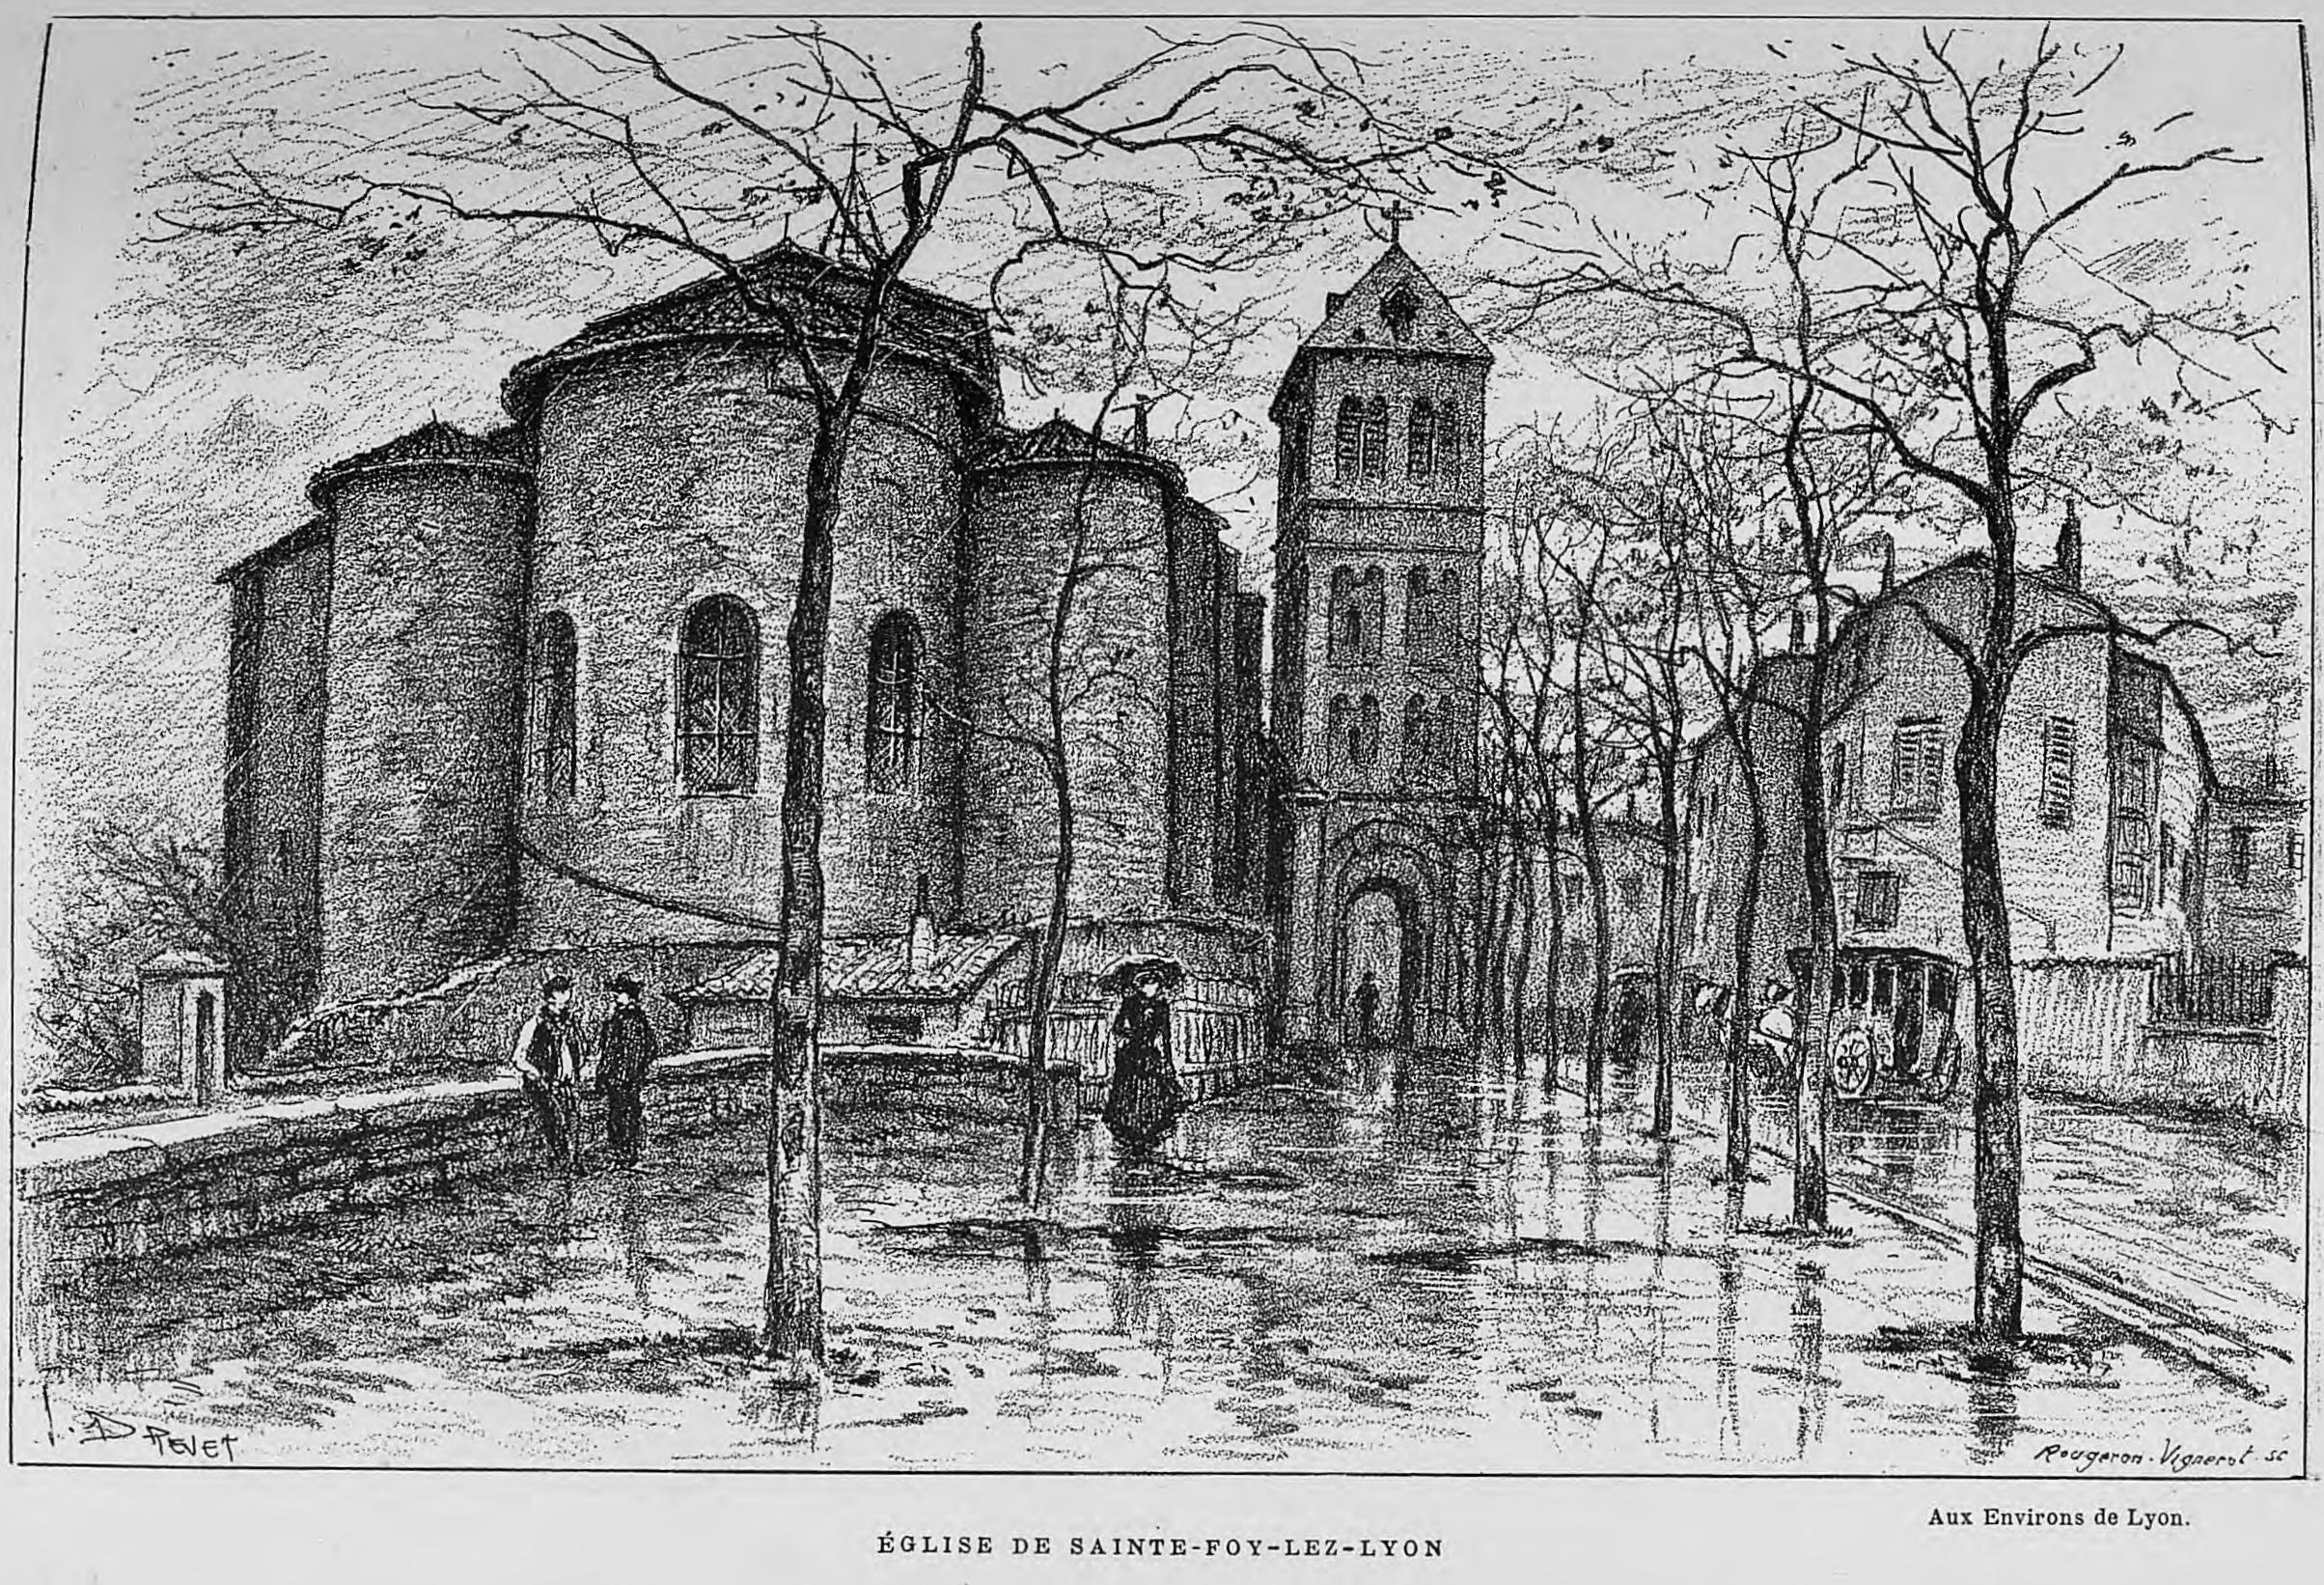 Bibliothèque Ste Foy Les Lyon file:sainte-foy-lès-lyon - Église - wikimedia commons